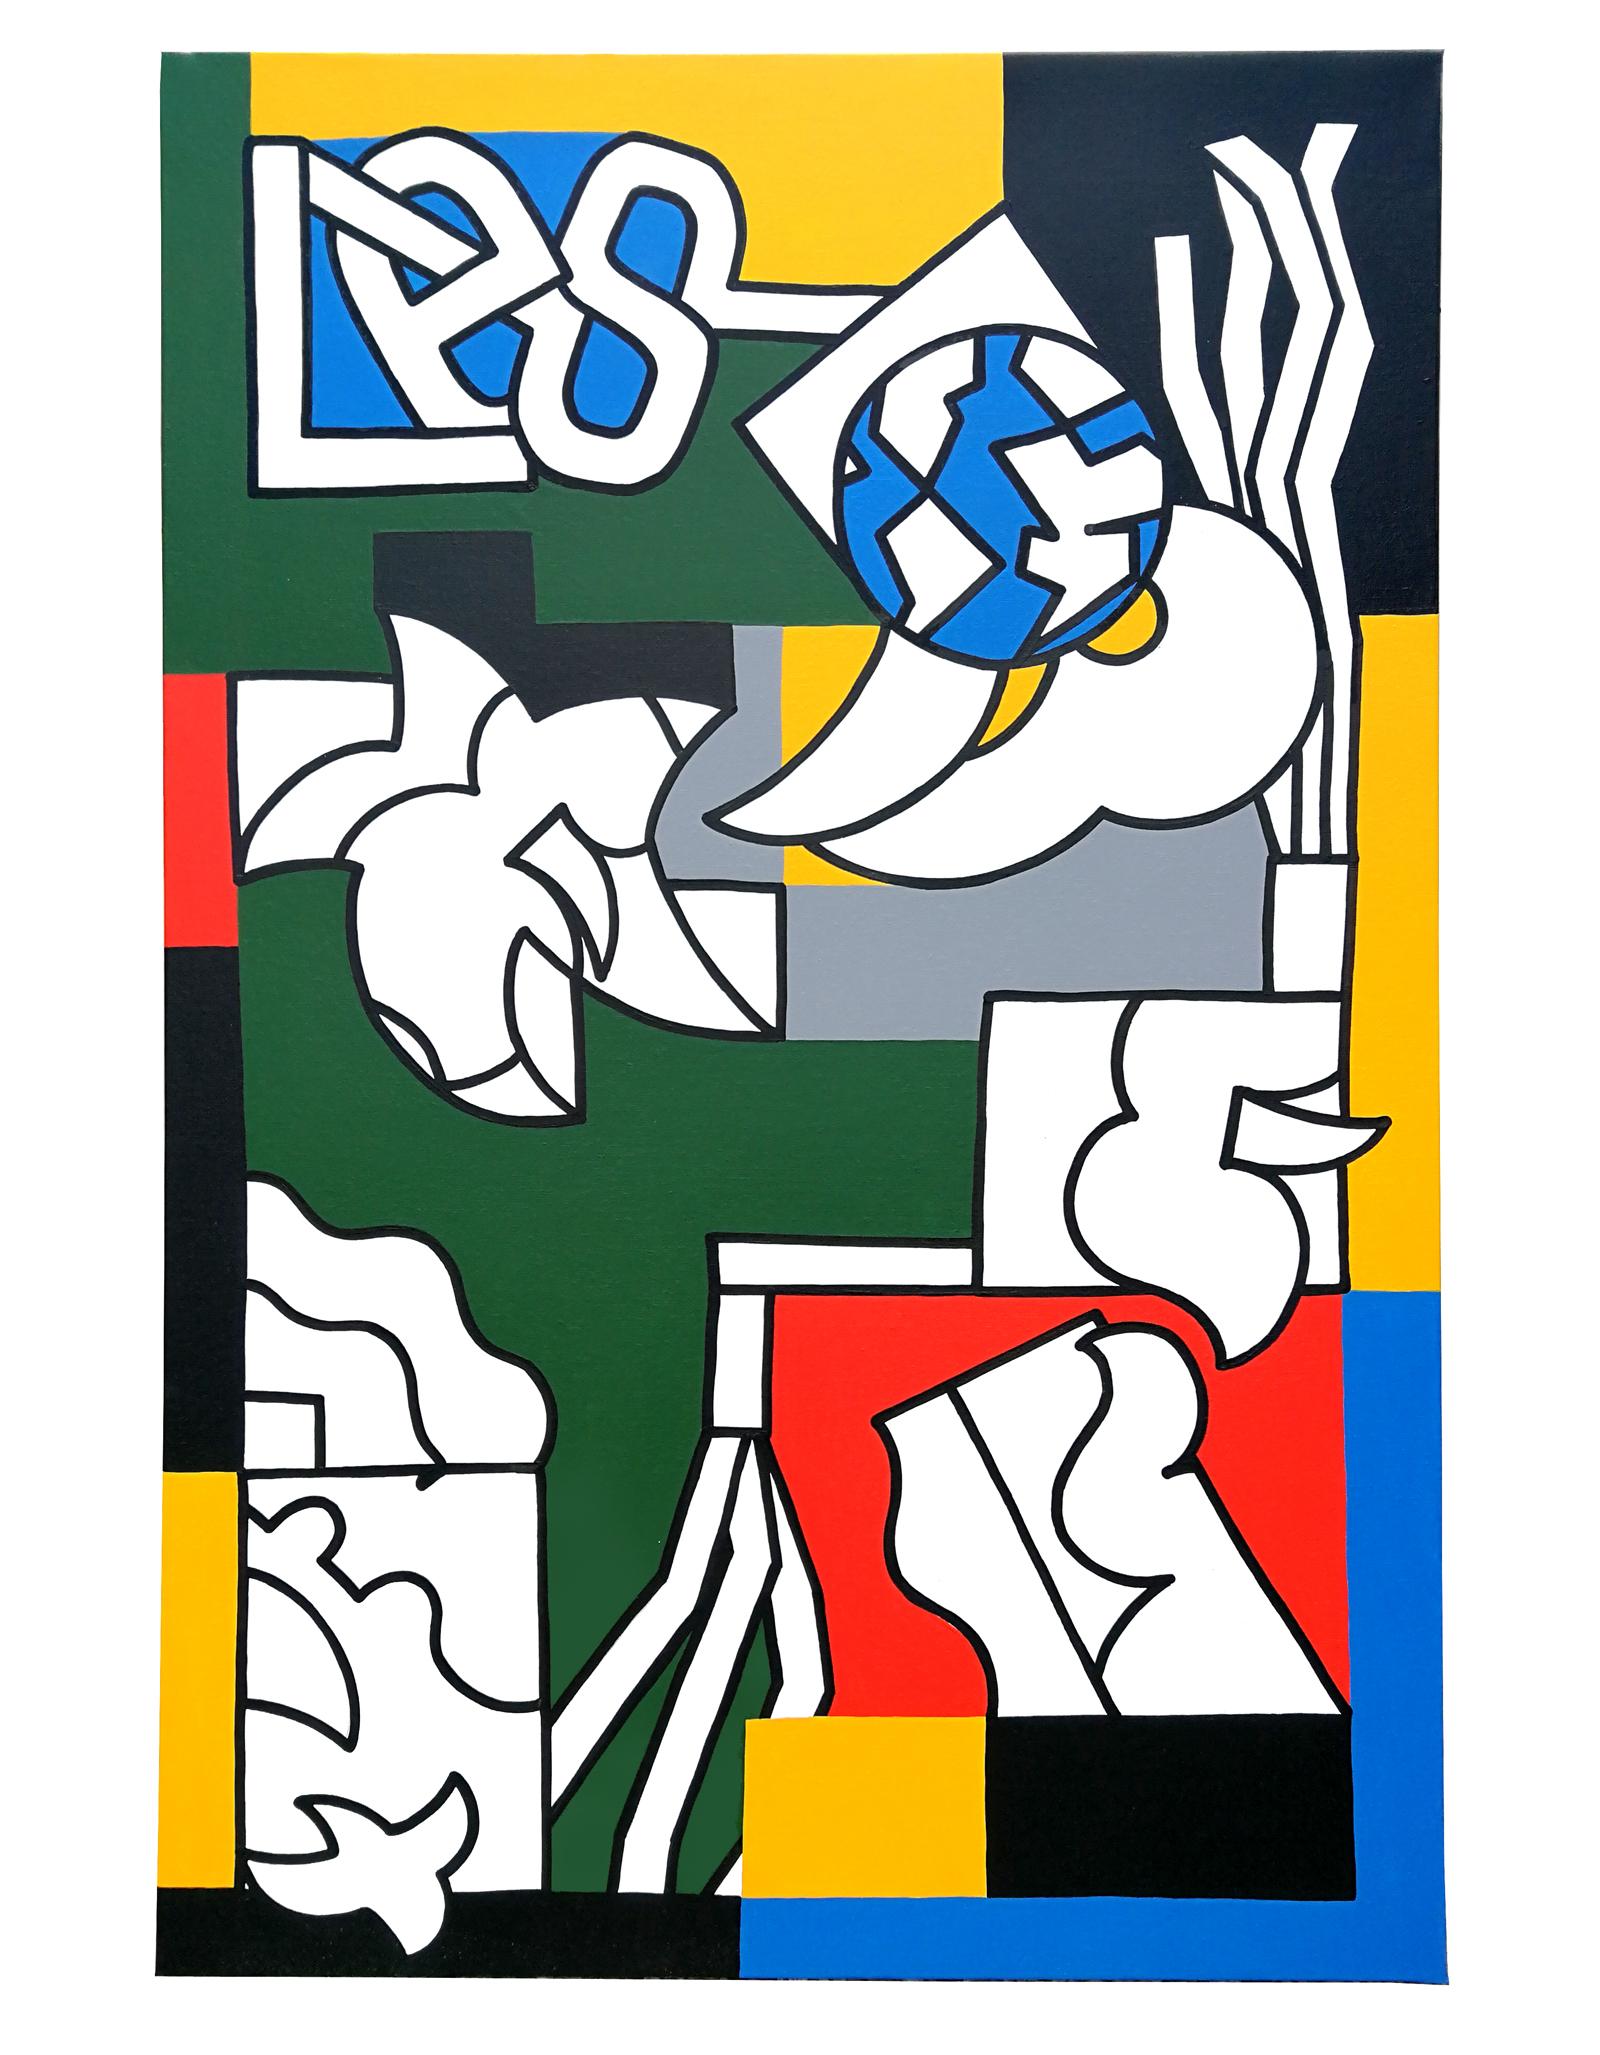 Les rêves - acrylic on canvas, 80 x 120cm, 2019